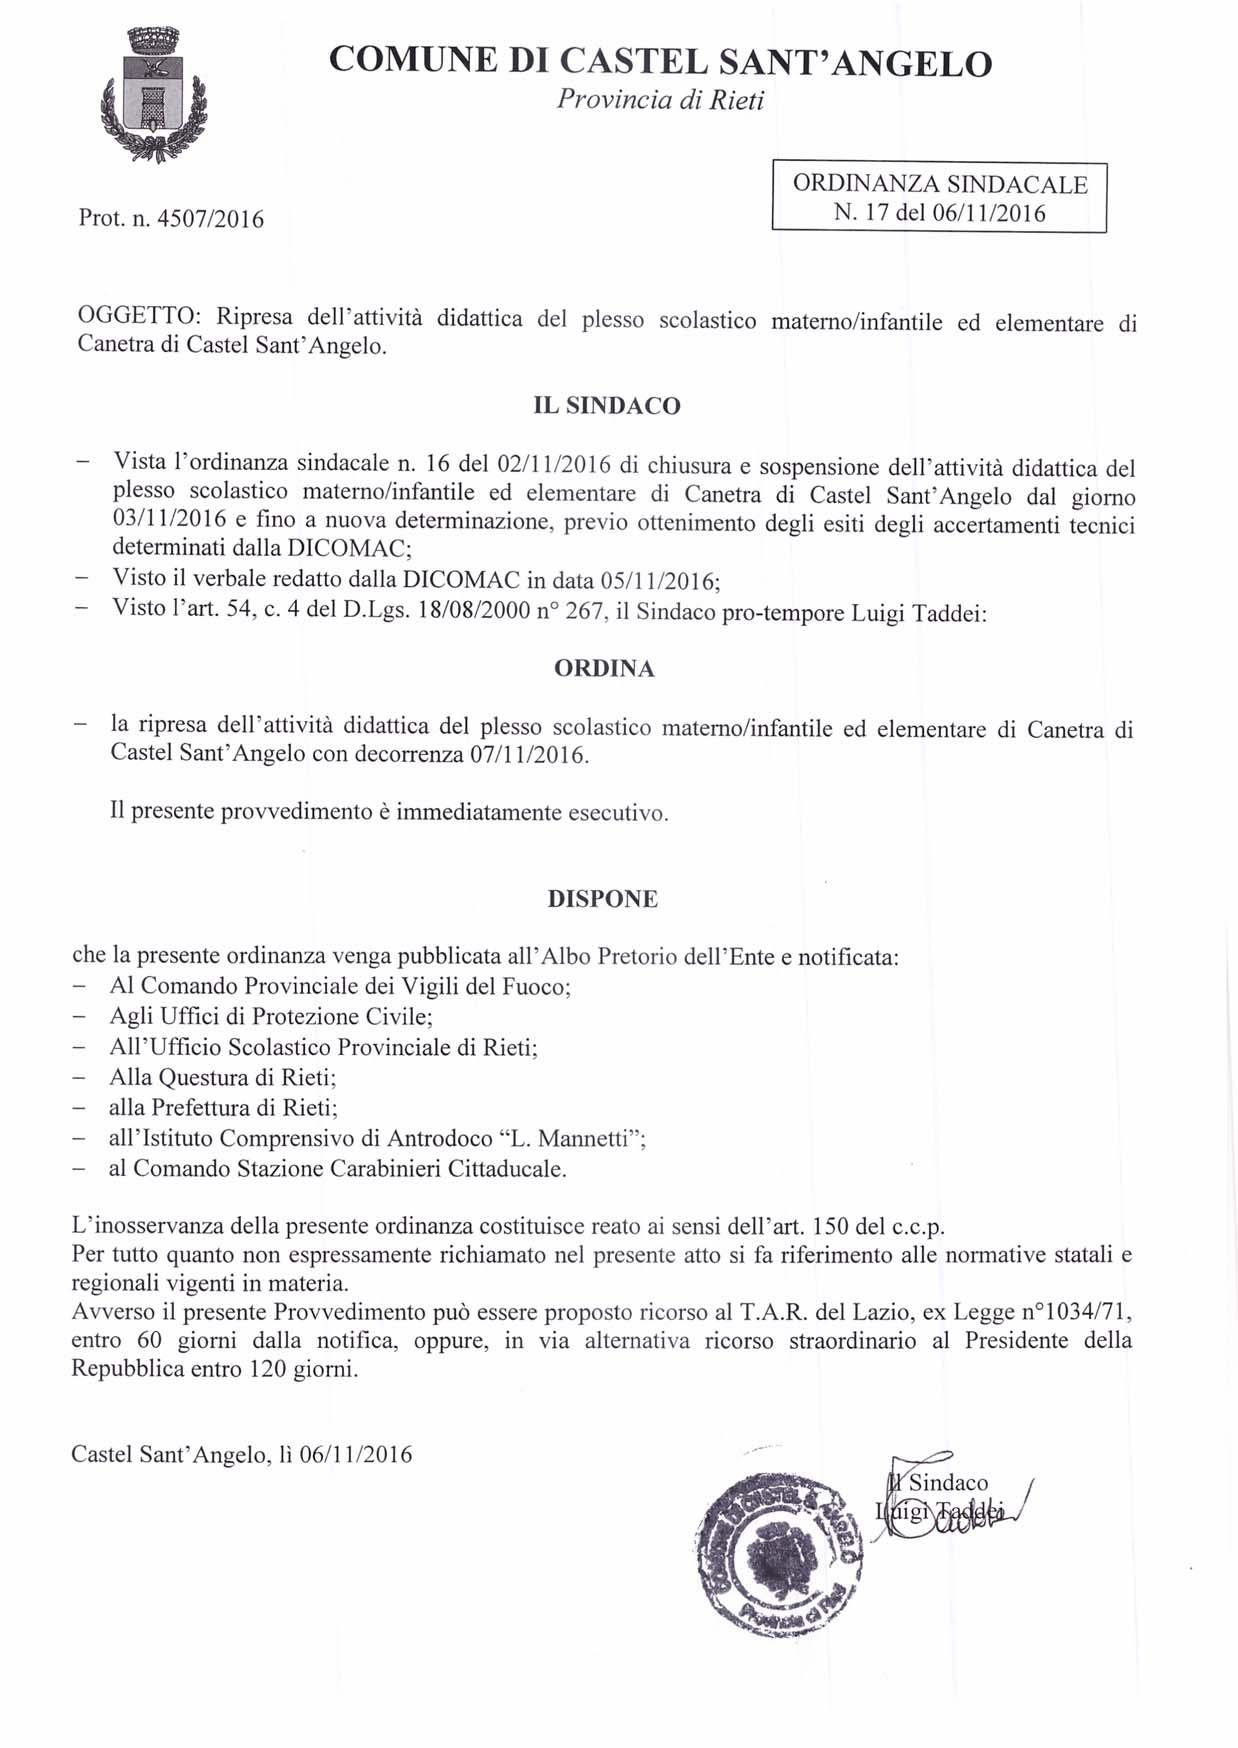 Ordinanza Sindacale n. 17 del 06/11/2016